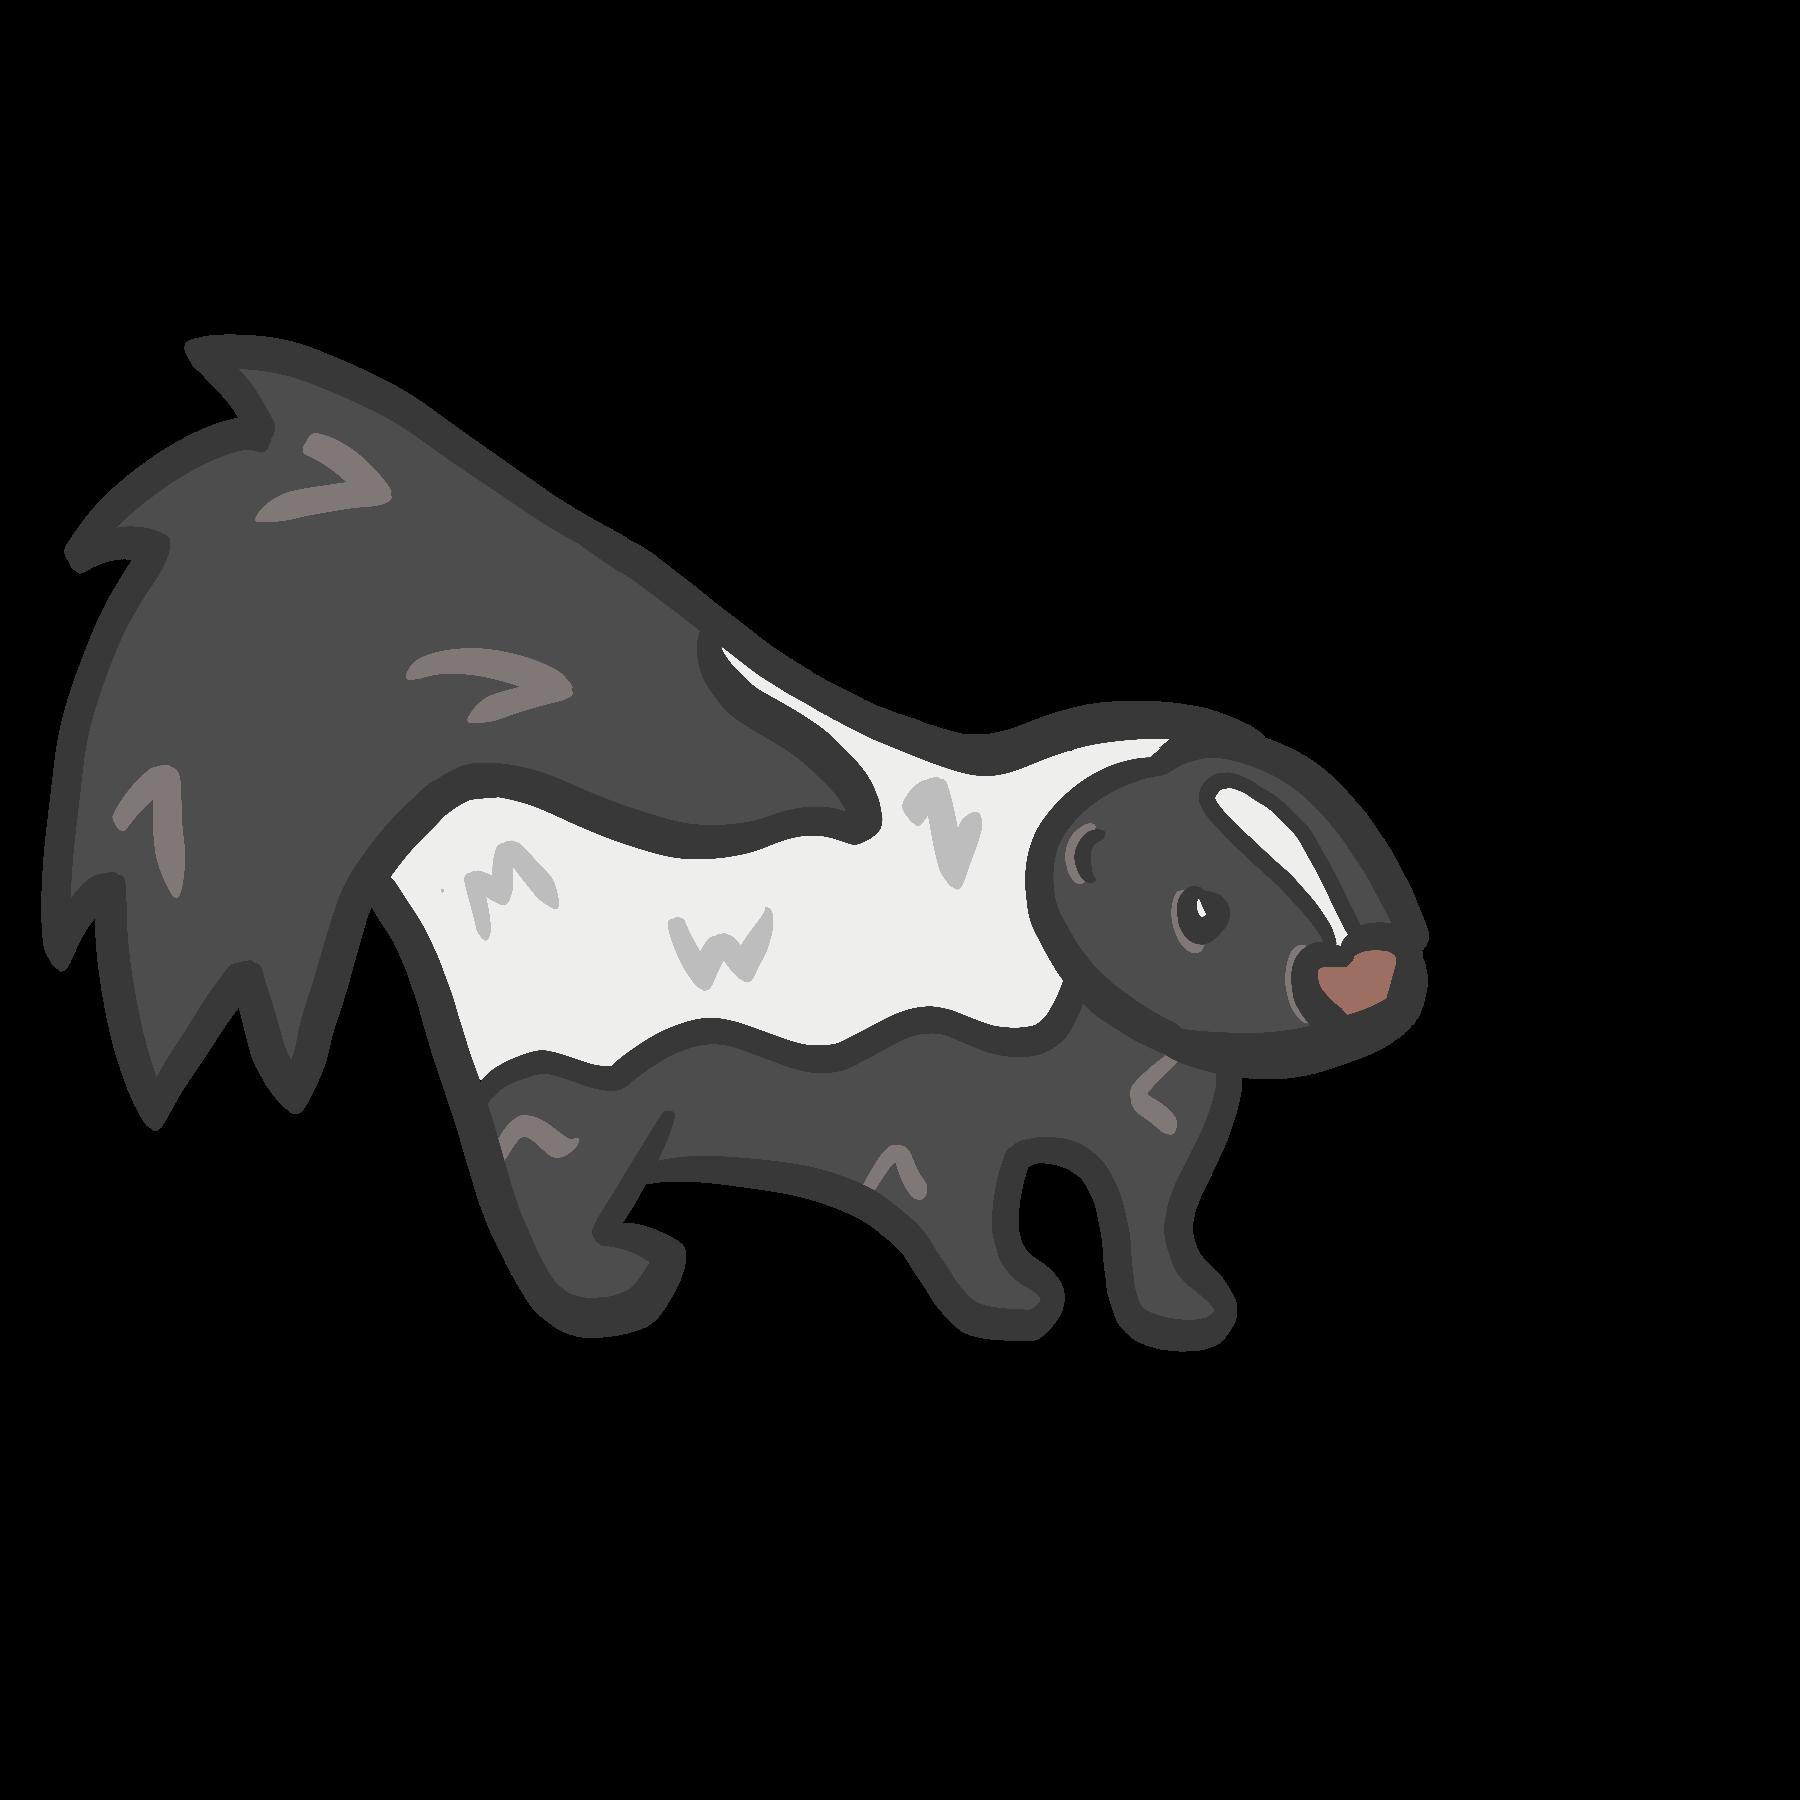 Image of a cartoon skunk